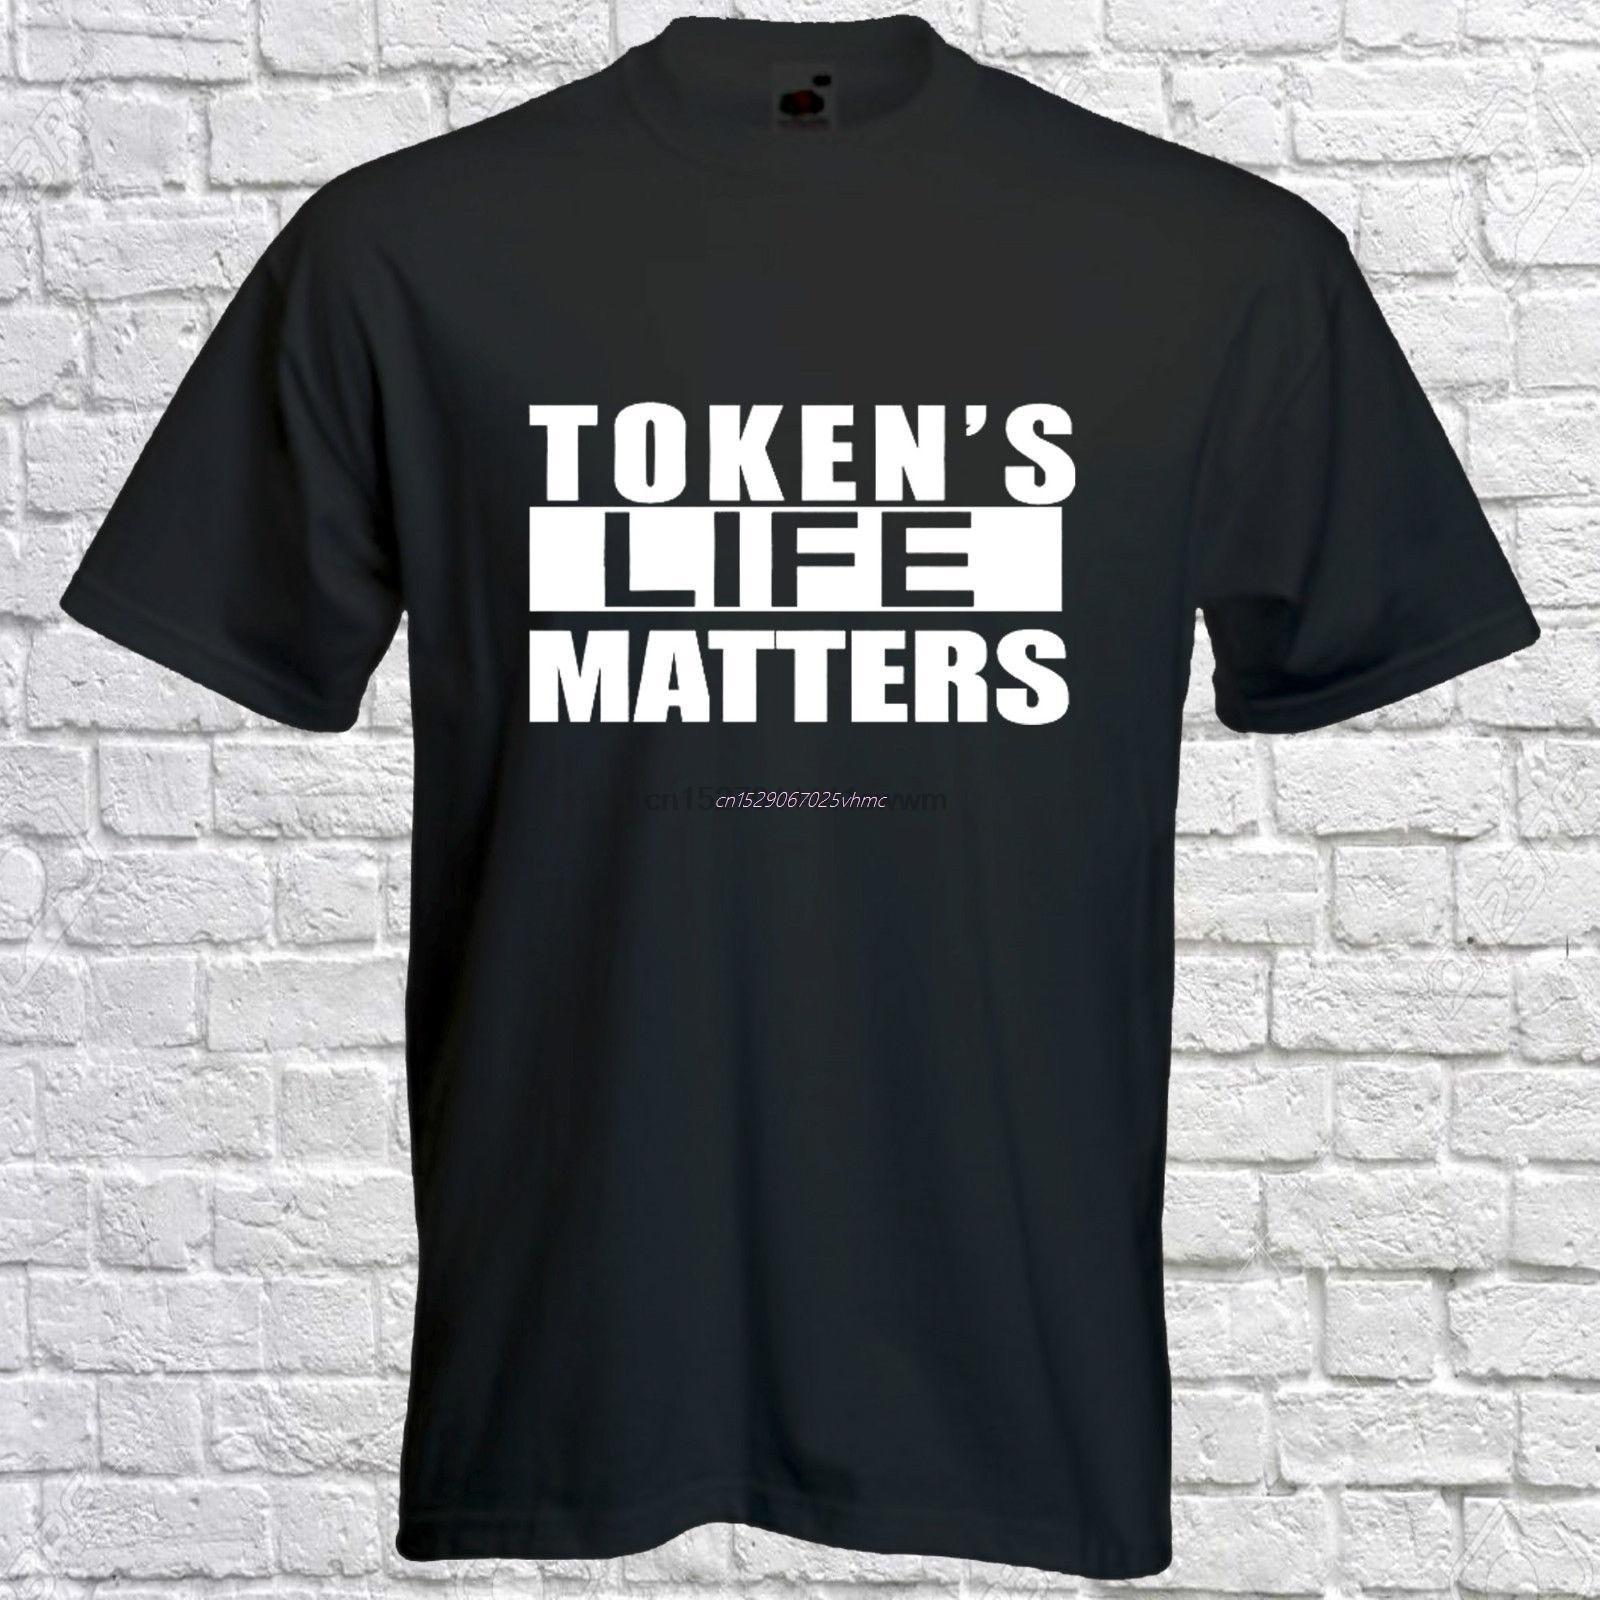 Token life matters camiseta-Camiseta de South Park-token Tee-funny-mens de manga corta Camiseta de verano para hombres de moda teeformable